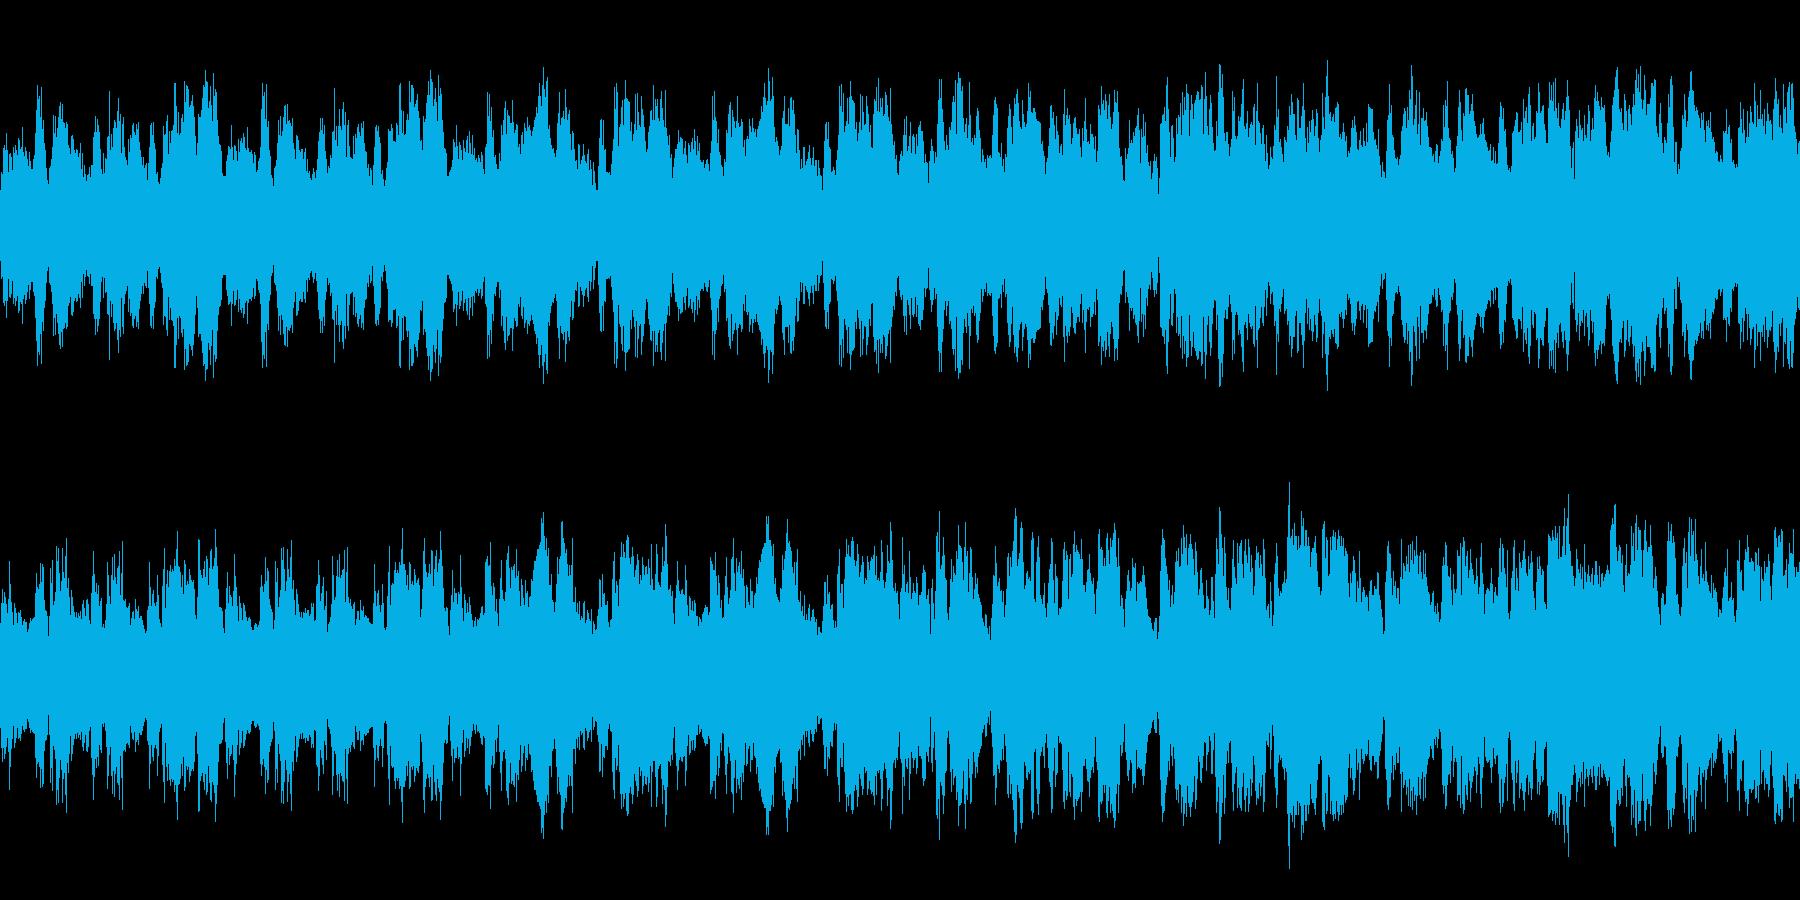 コミカル オーケストラ風 ループの再生済みの波形